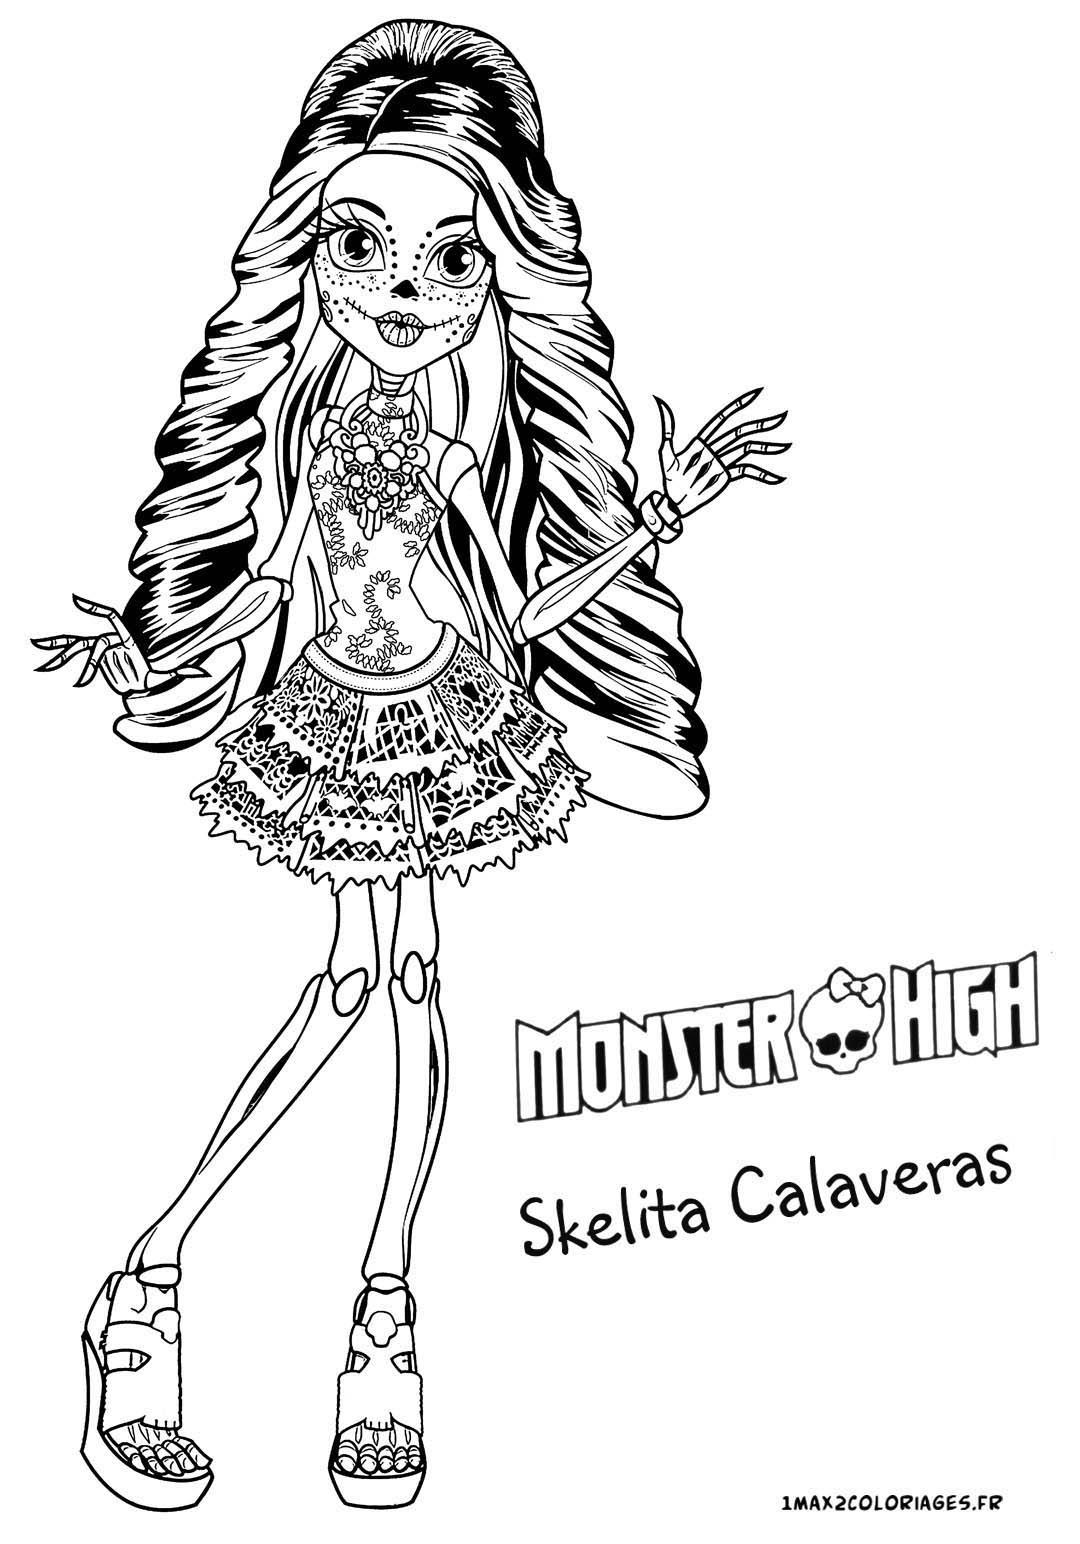 Coloriage Des Personnages De Monster High - Nouvelle pour Dessin A Imprimer Monster High